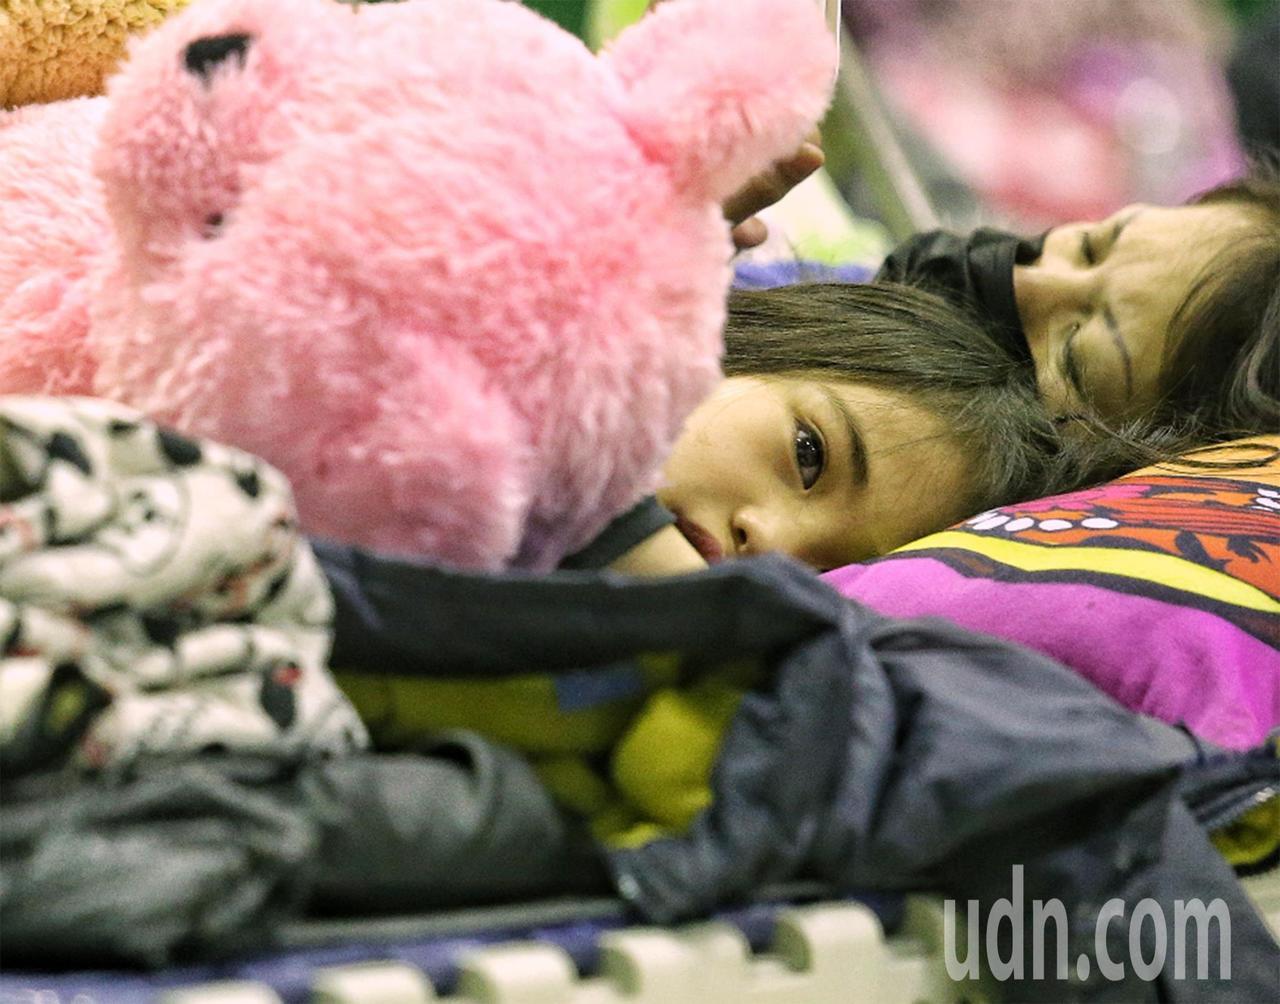 花蓮強震後,家長帶著小孩在收容中心避難,雖有玩偶陪伴,但孩童眼神中仍透露出驚恐。...